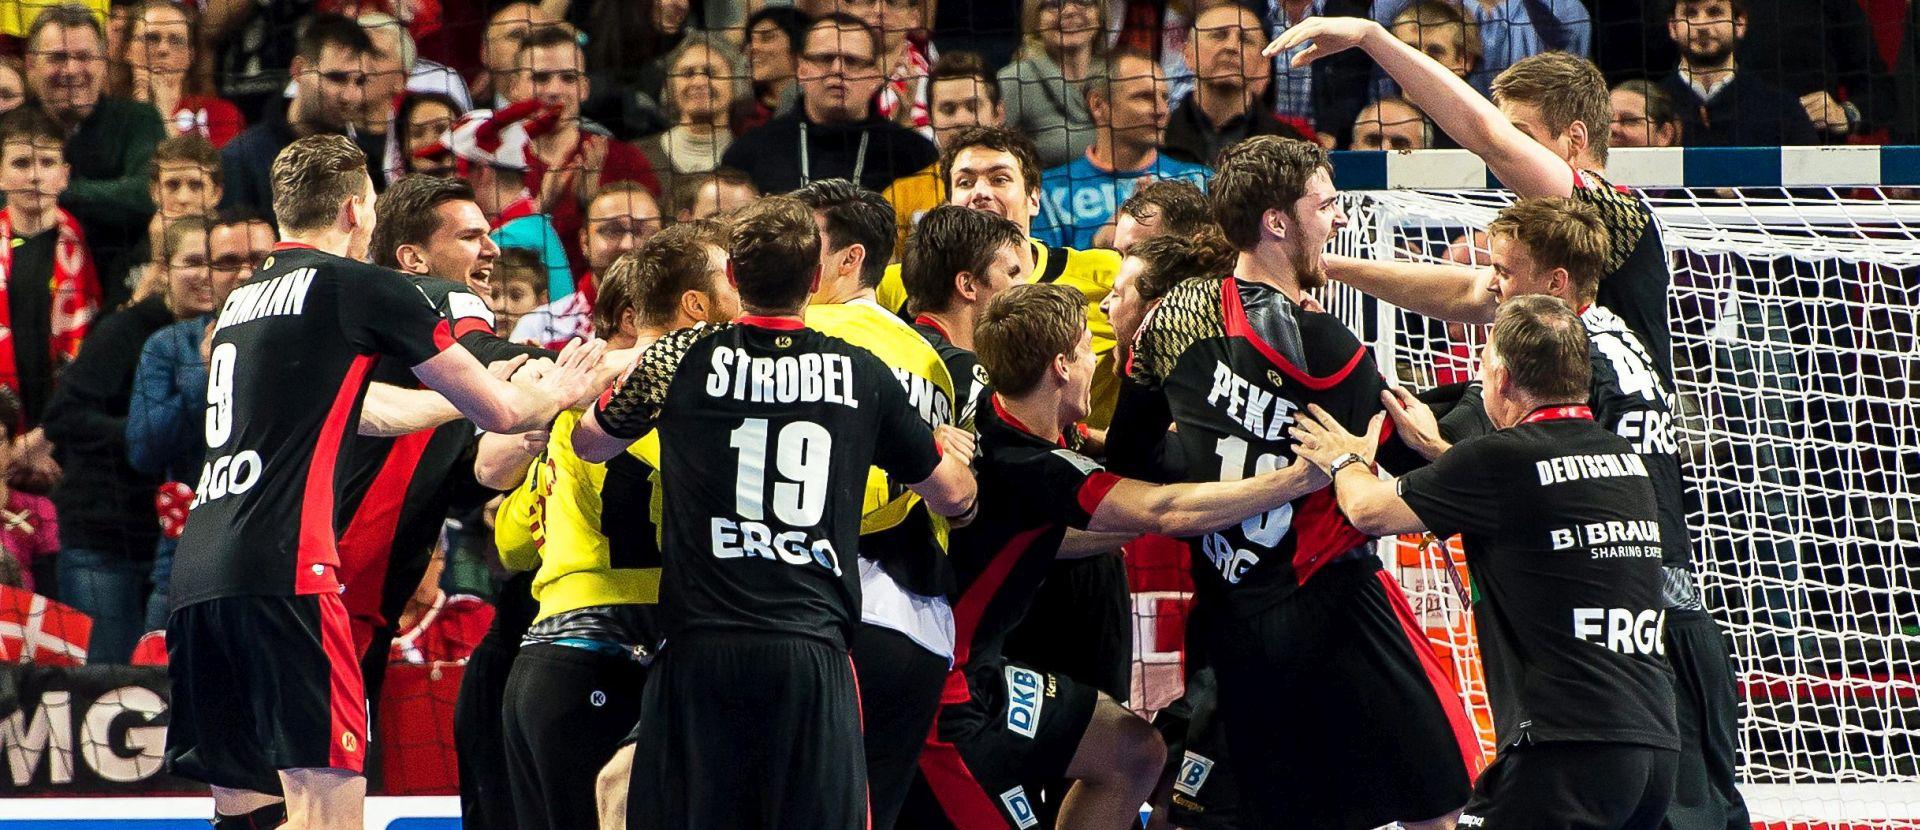 EUROPSKO PRVENSTVO RUKOMETAŠA Njemačka iznenadila Dansku i osigurala polufinale